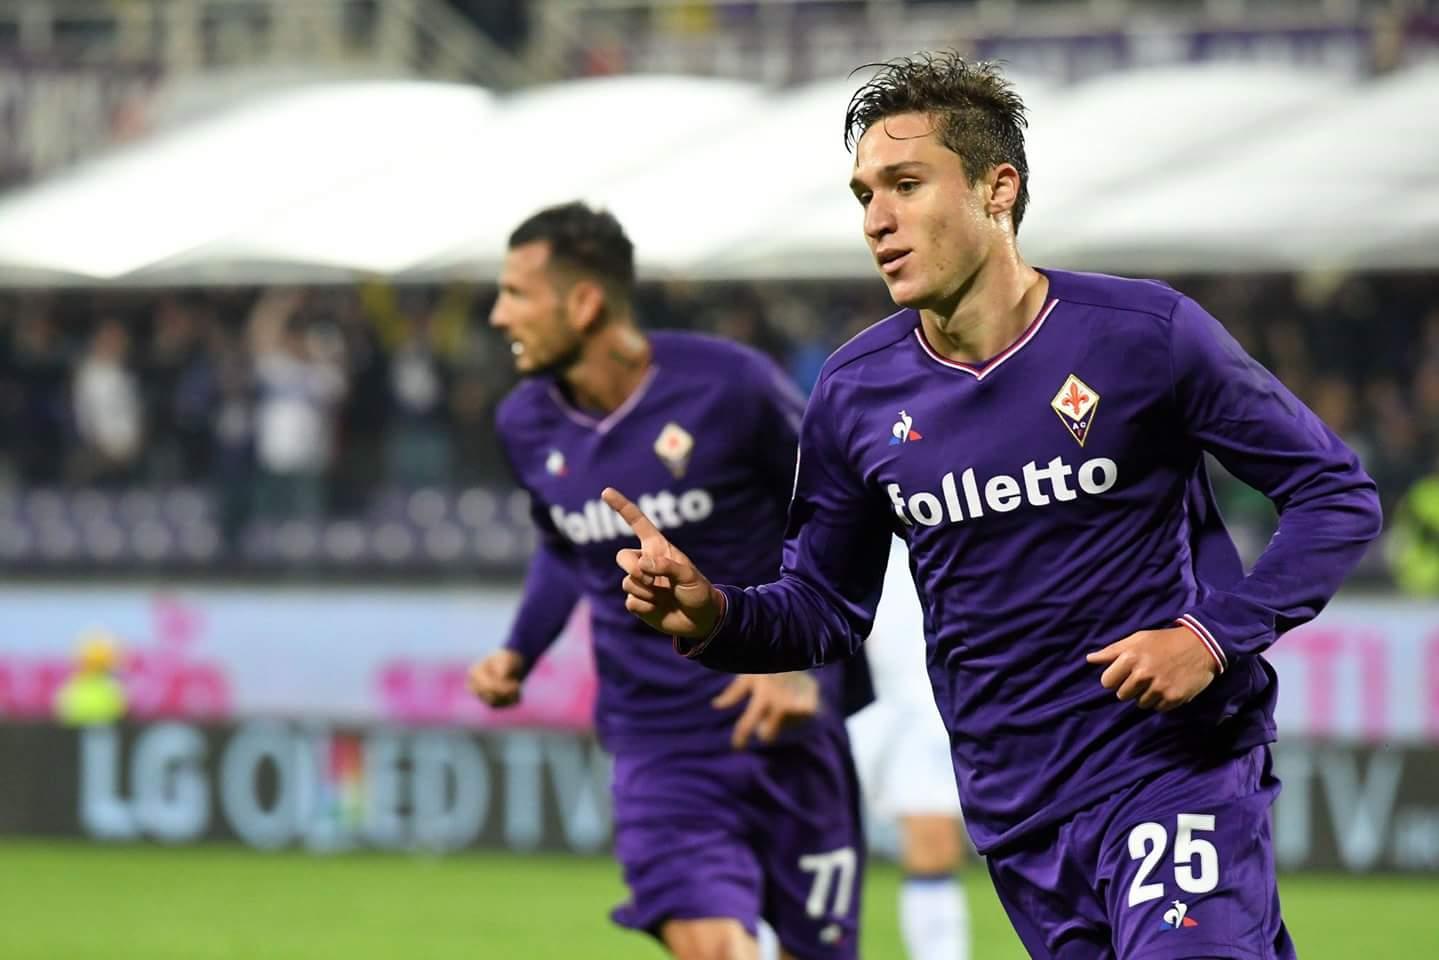 Gazzetta, tre rimpianti per la Fiorentina e un pareggio beffa all'ultimo minuto